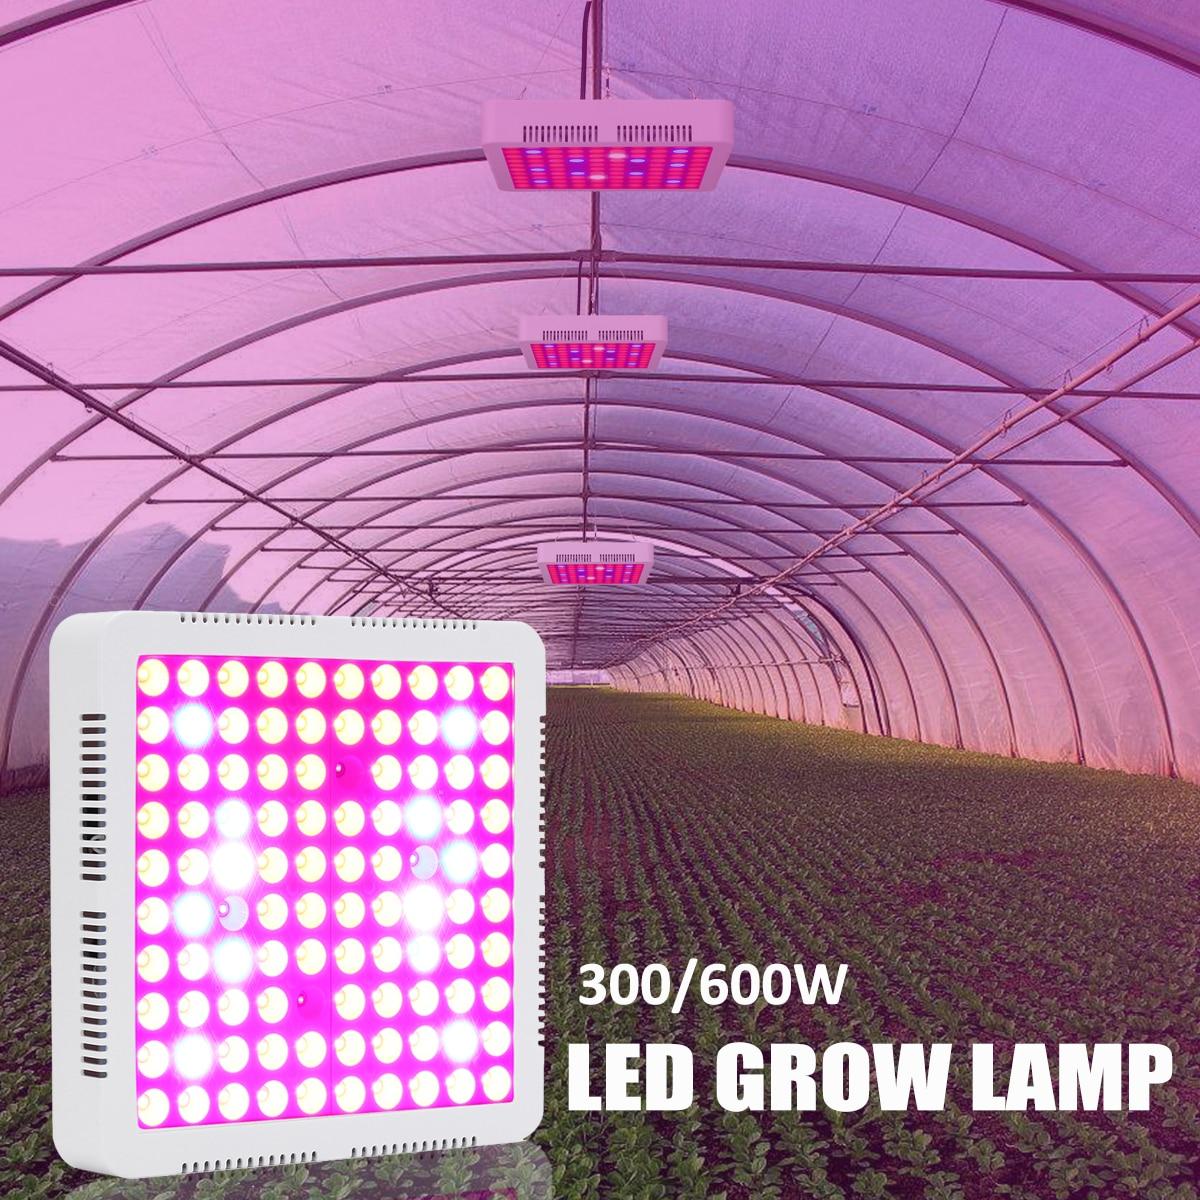 LED de jardin lampe de culture 300/600 W spectre complet rouge/bleu/blanc/UV/IR pour plantes d'intérieur serres plantes maison fleurs